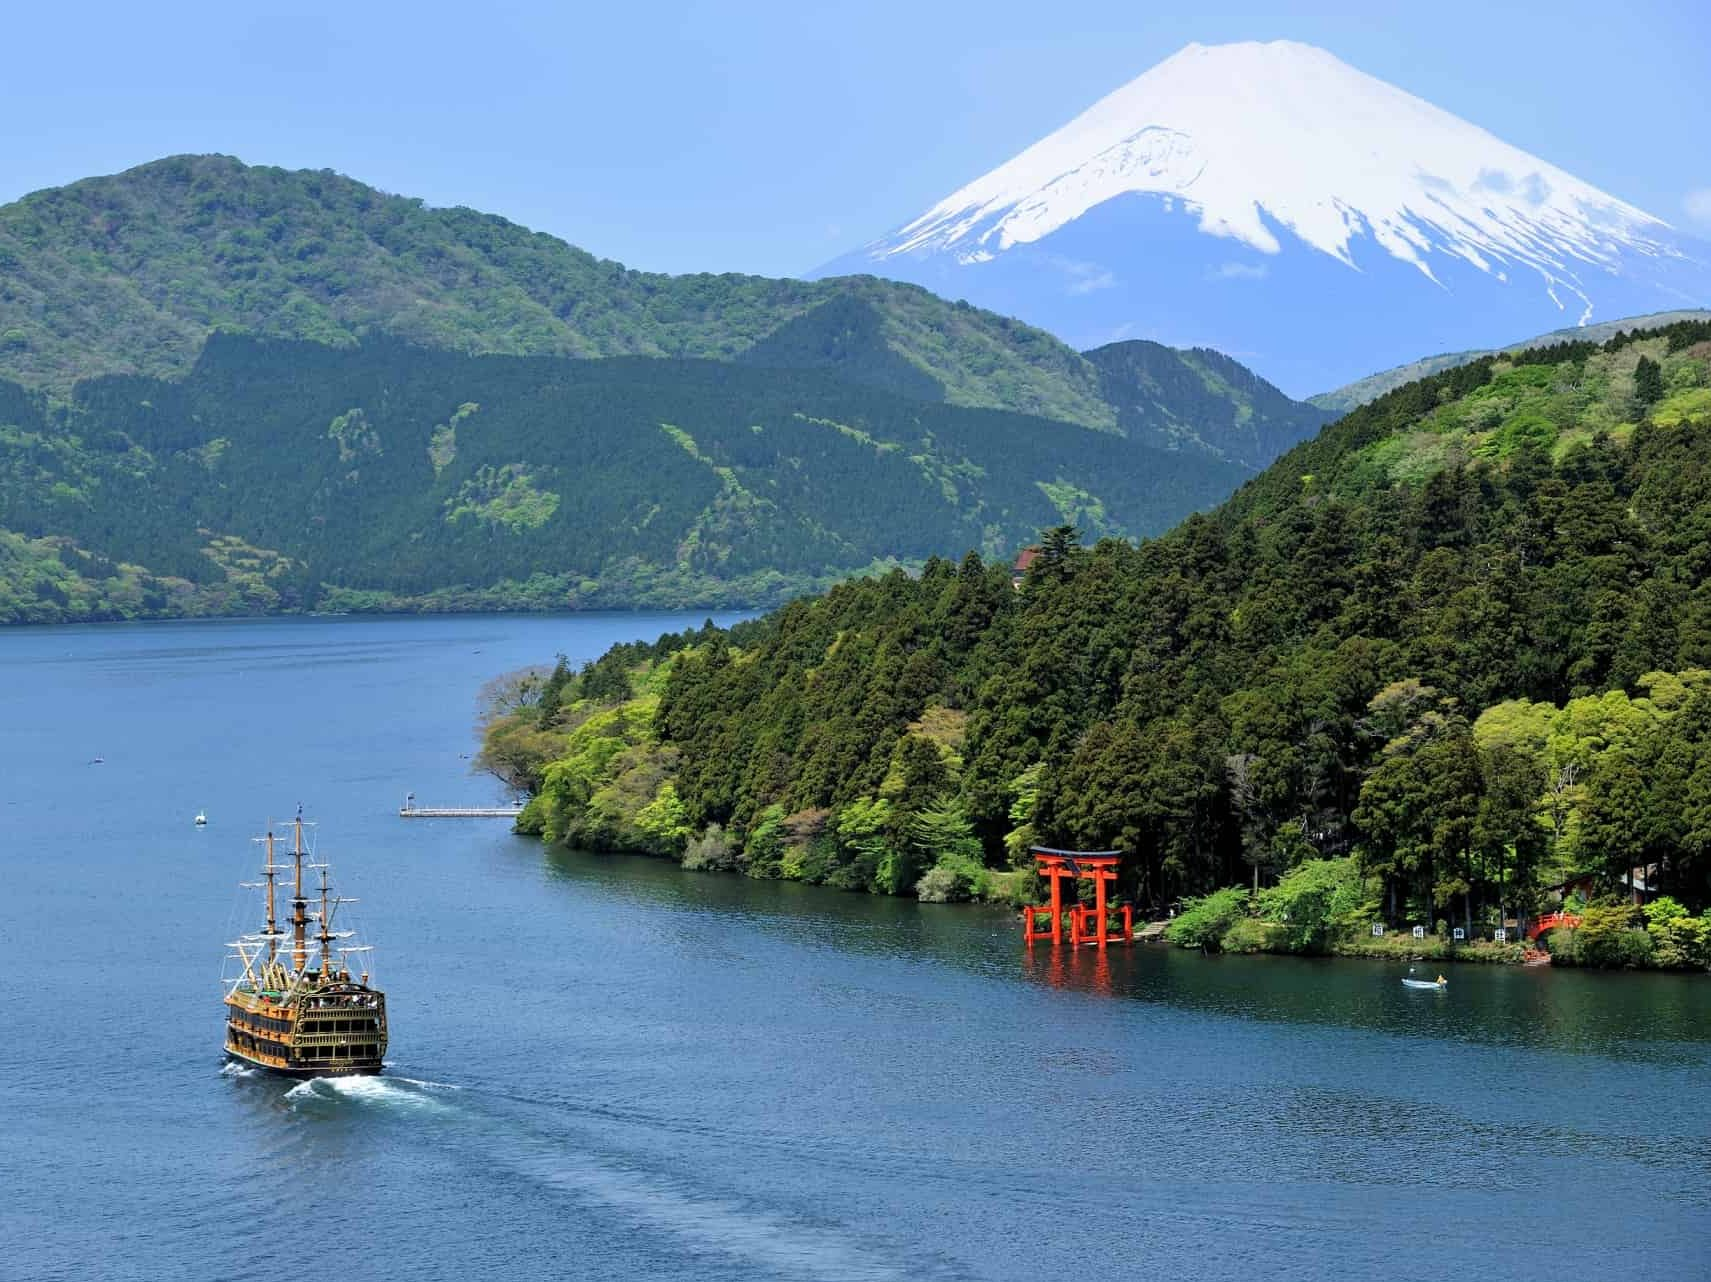 Takayama~Kawaguchiko~Hakone One-way Ticket with Hakone Freepass